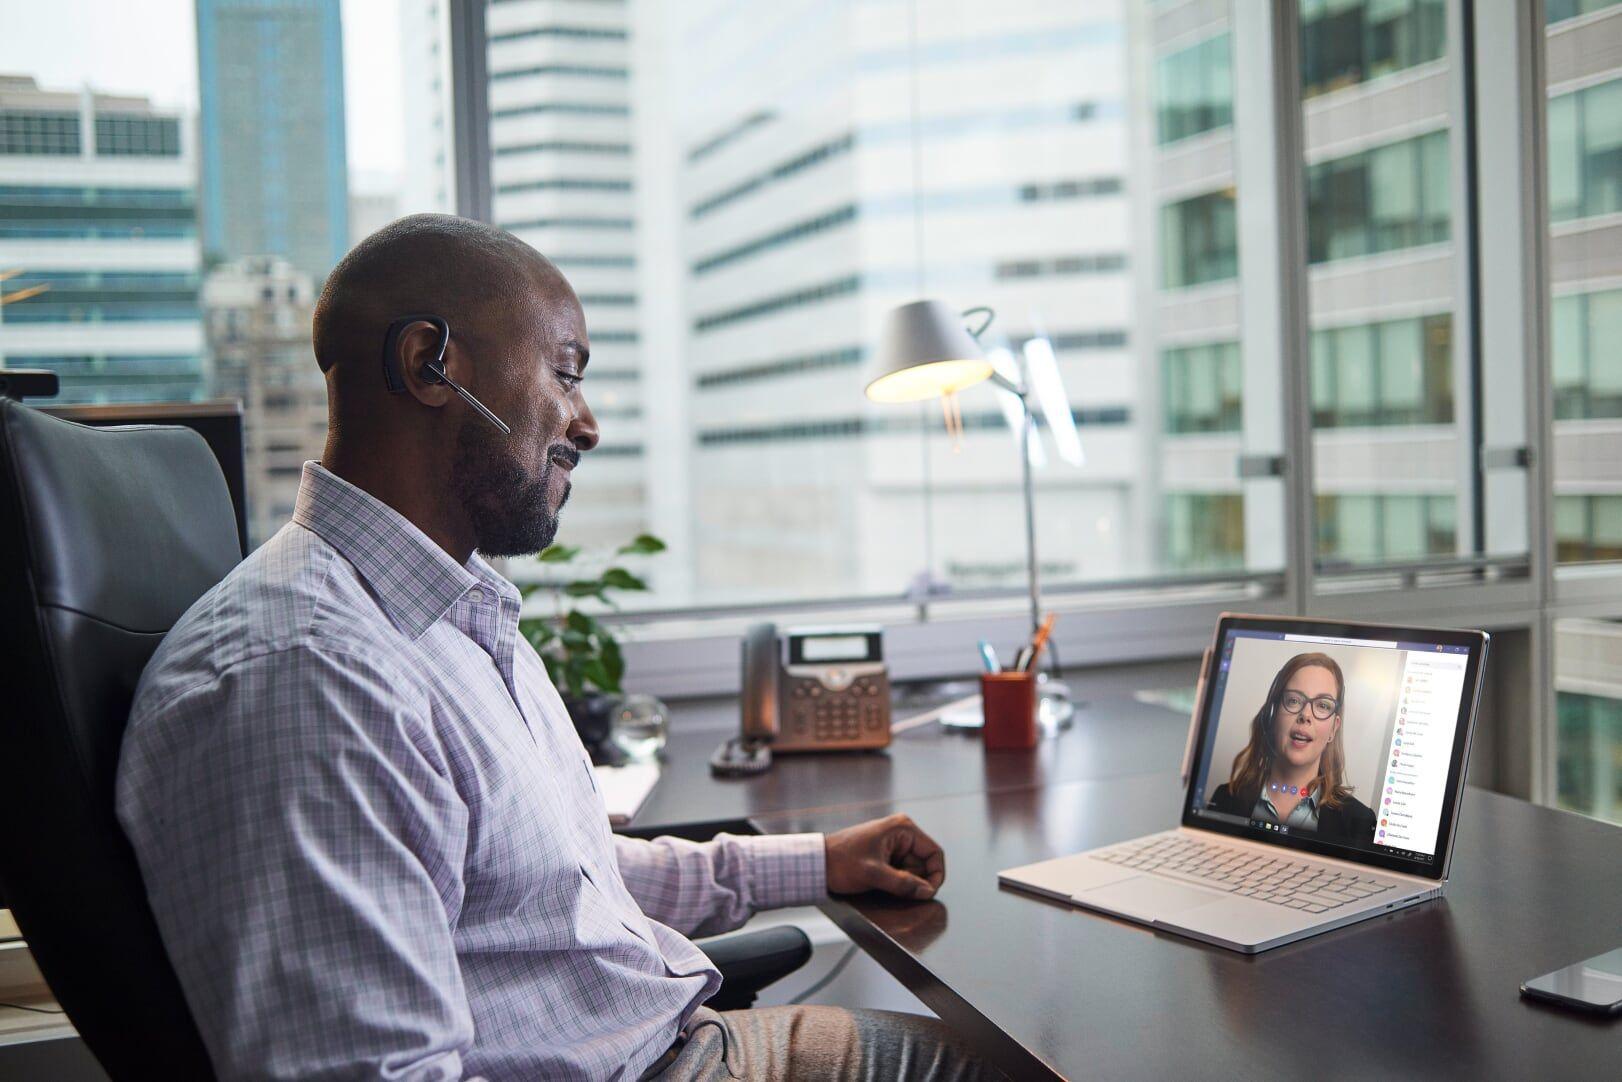 Ein Mann sitzt am Schreibtisch und telefoniert per Microsoft Teams Video auf seinem Surface Book mit einer Frau